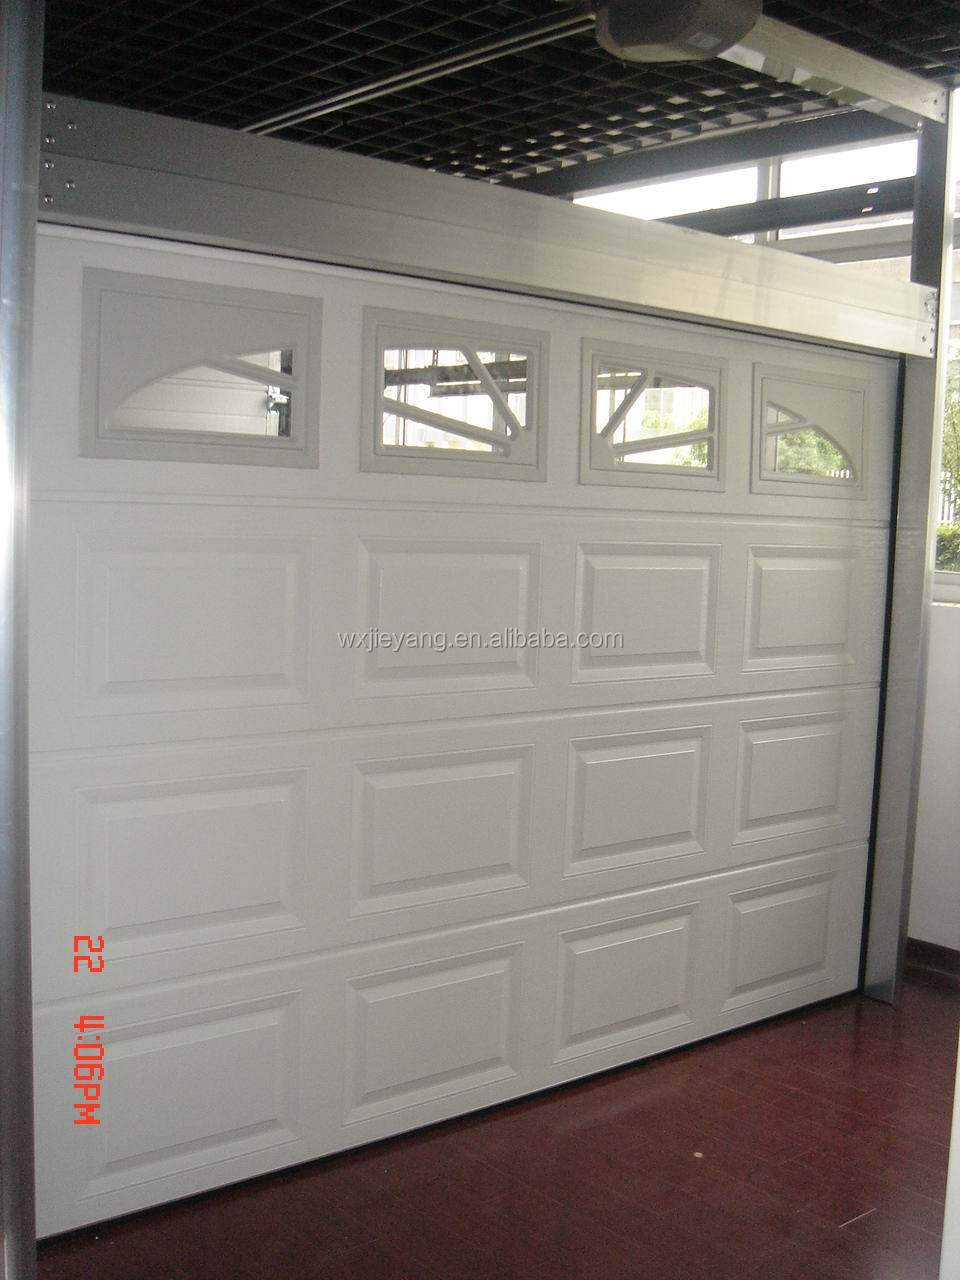 Hardware de puerta de garaje autom tica puertas - Puerta de garaje automatica ...